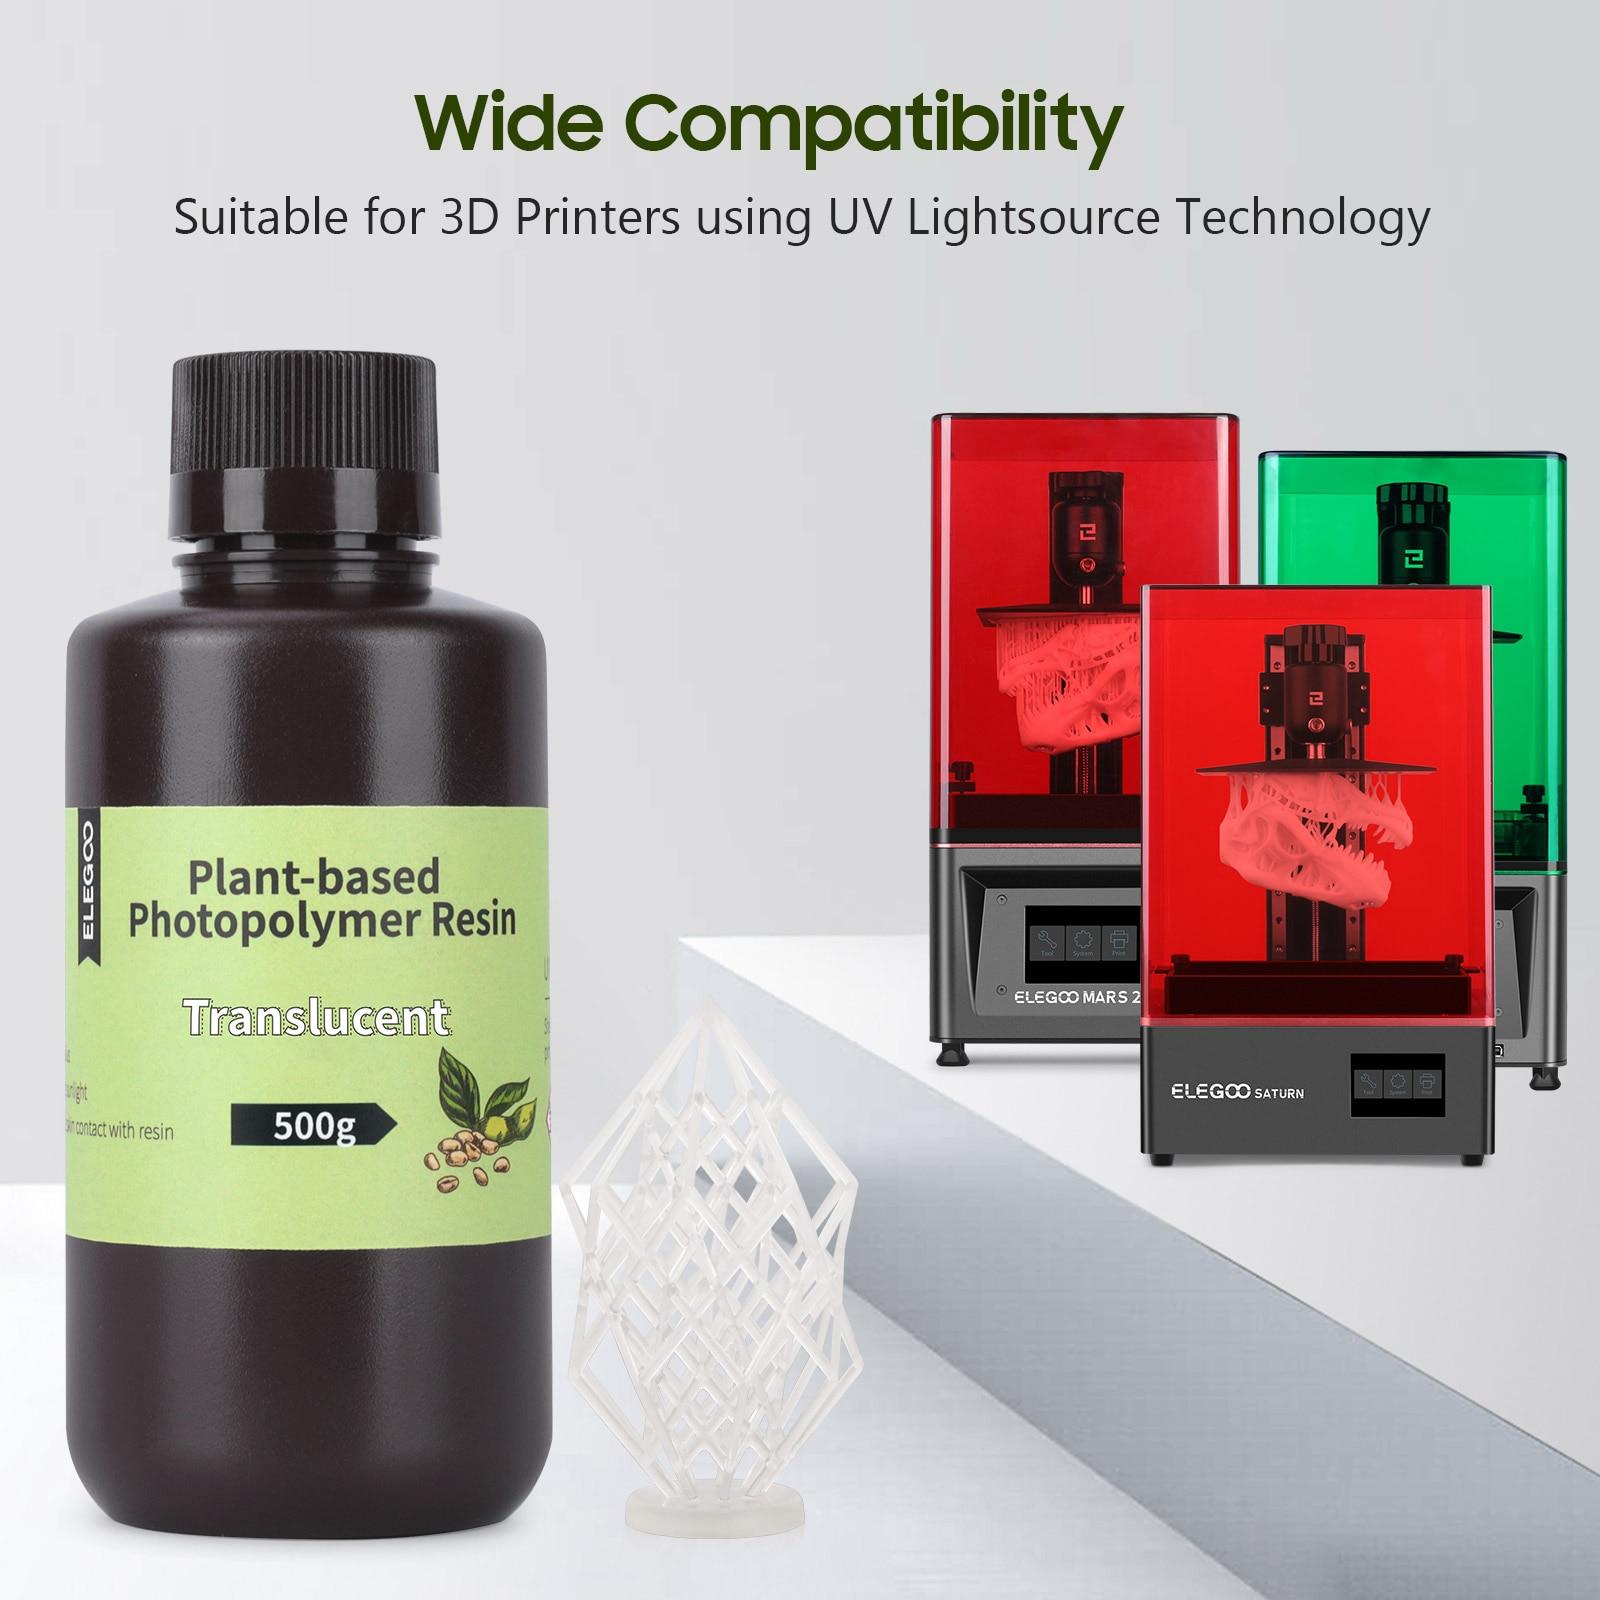 ELEGOO ясно на растительной основе 3D-принтеры смолы 405nm УФ смола для ЖК-дисплей 3D-принтеры доски цвета слоновой кости, Материал светильник запа...